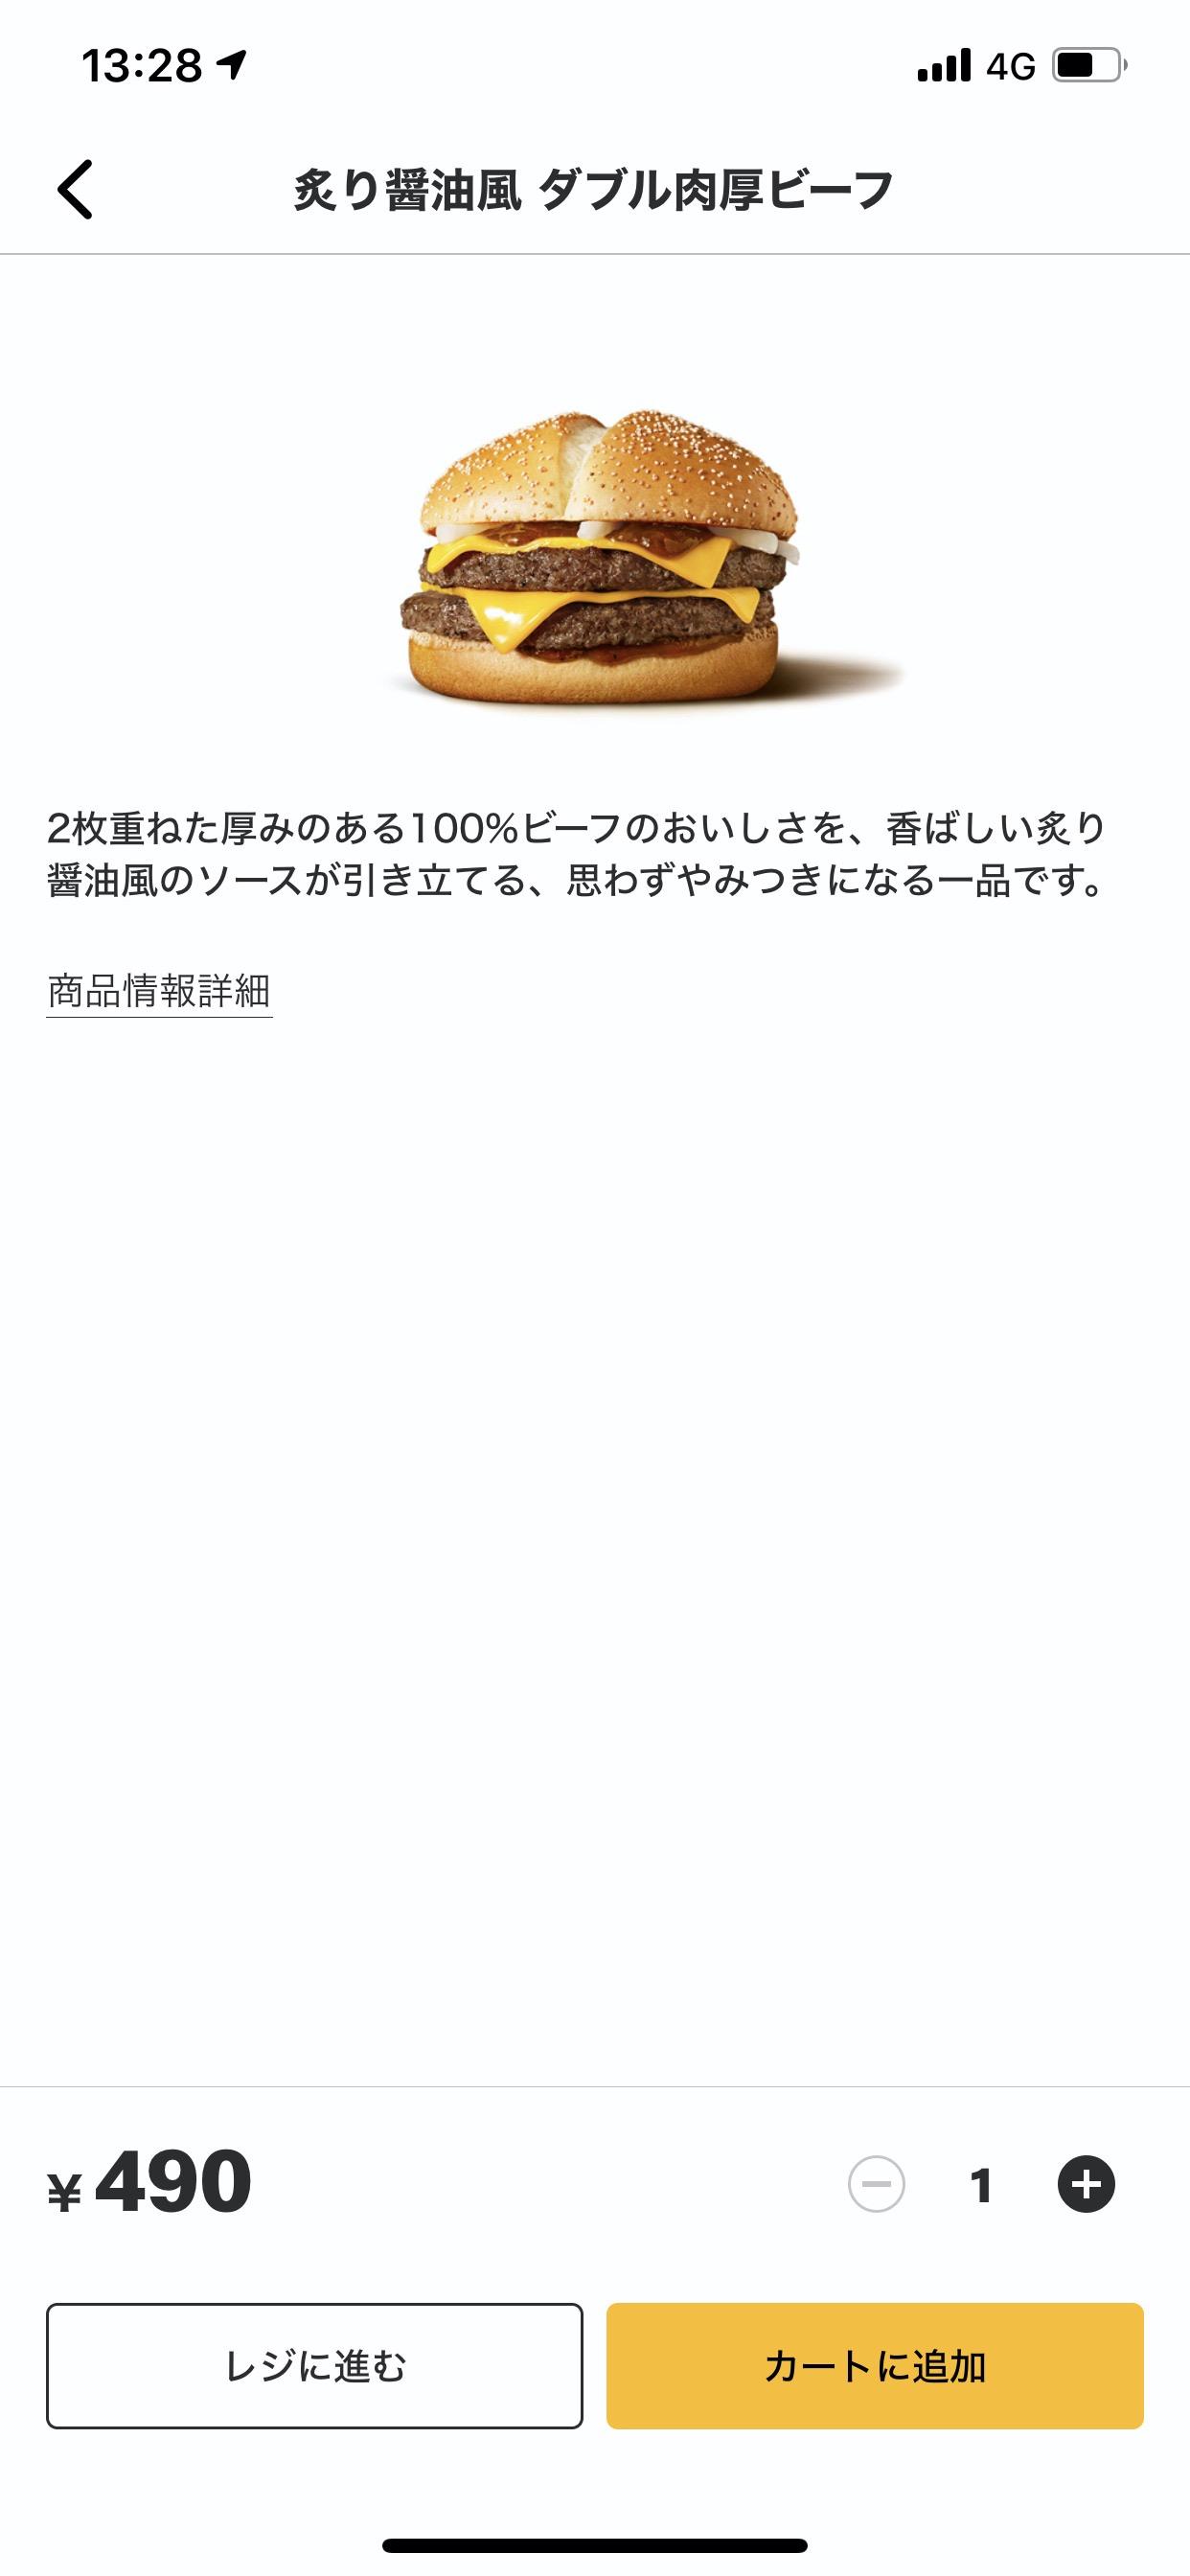 【マクドナルド】公式アプリ モバイルオーダー 4